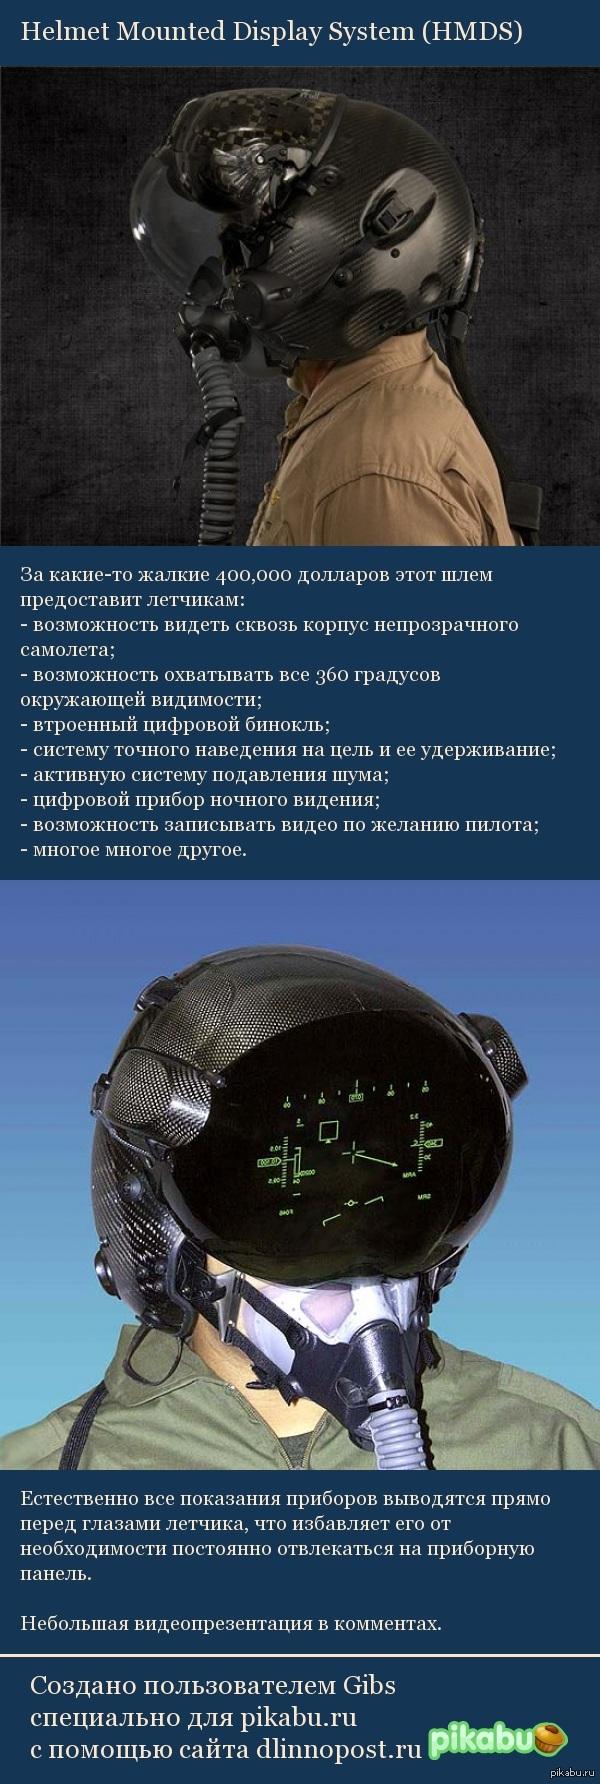 Helmet Mounted Display System Шлем для военных летчиков.